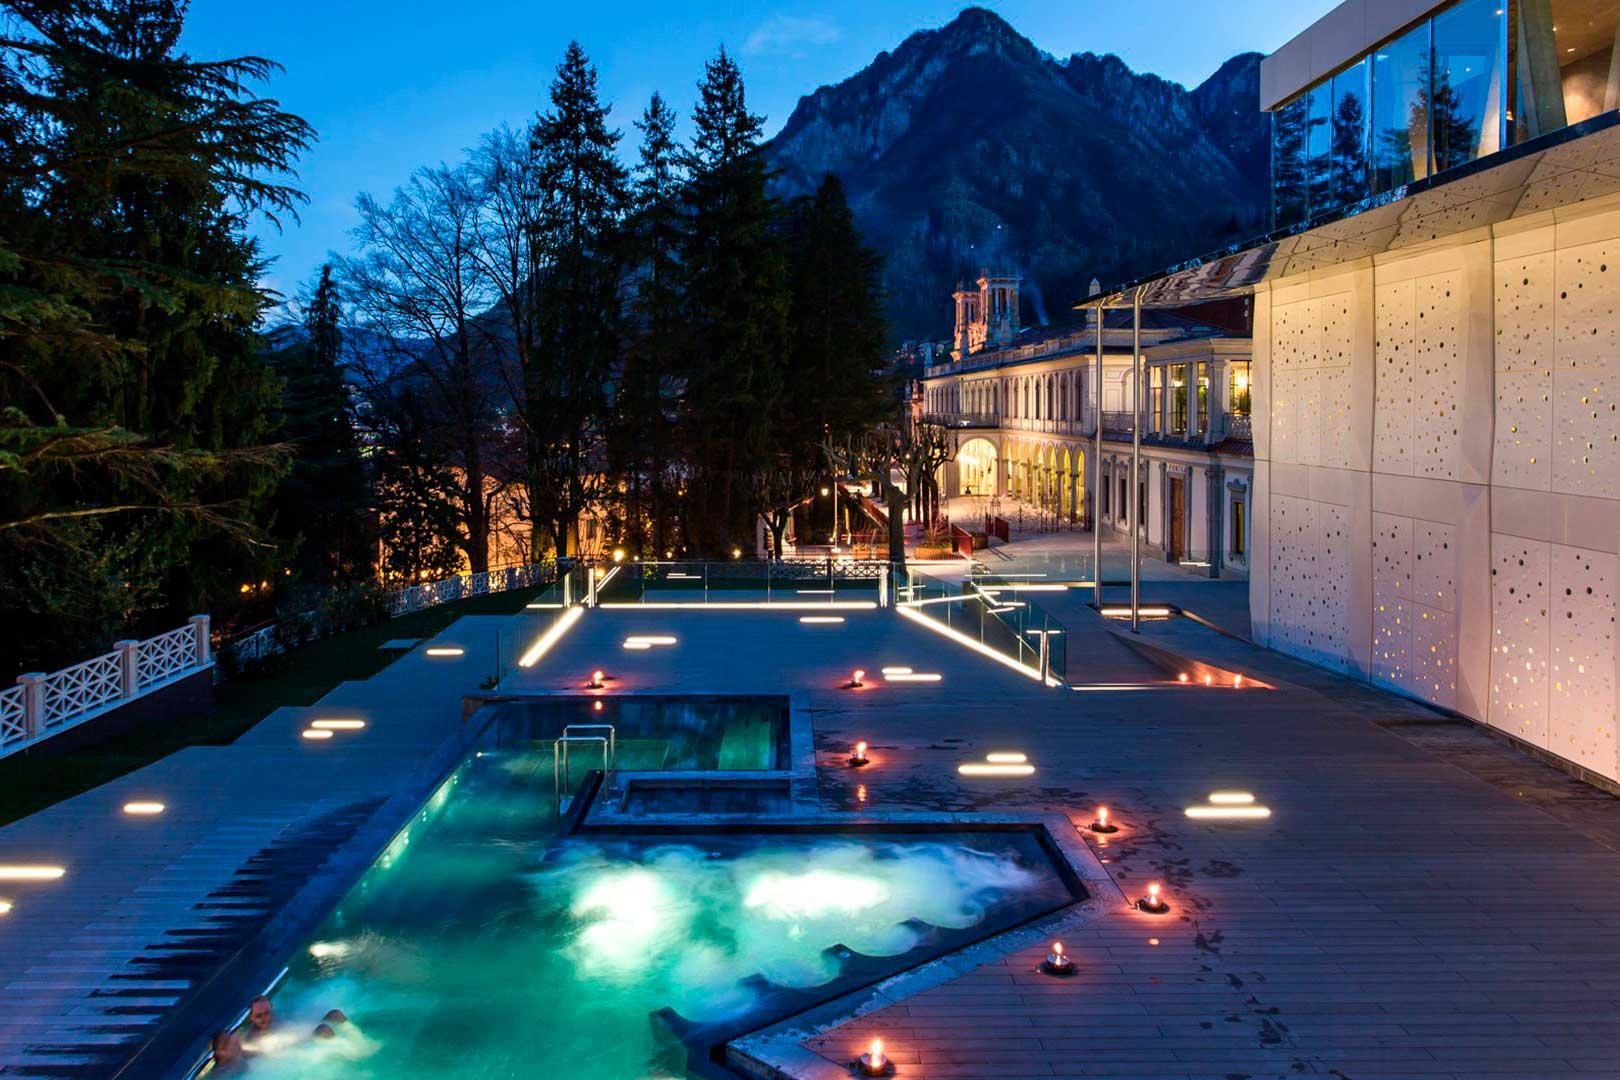 15-hotel-con-spa-per-un-weekend-romantico-vicino-milano-qc-terme-san-pellegrino